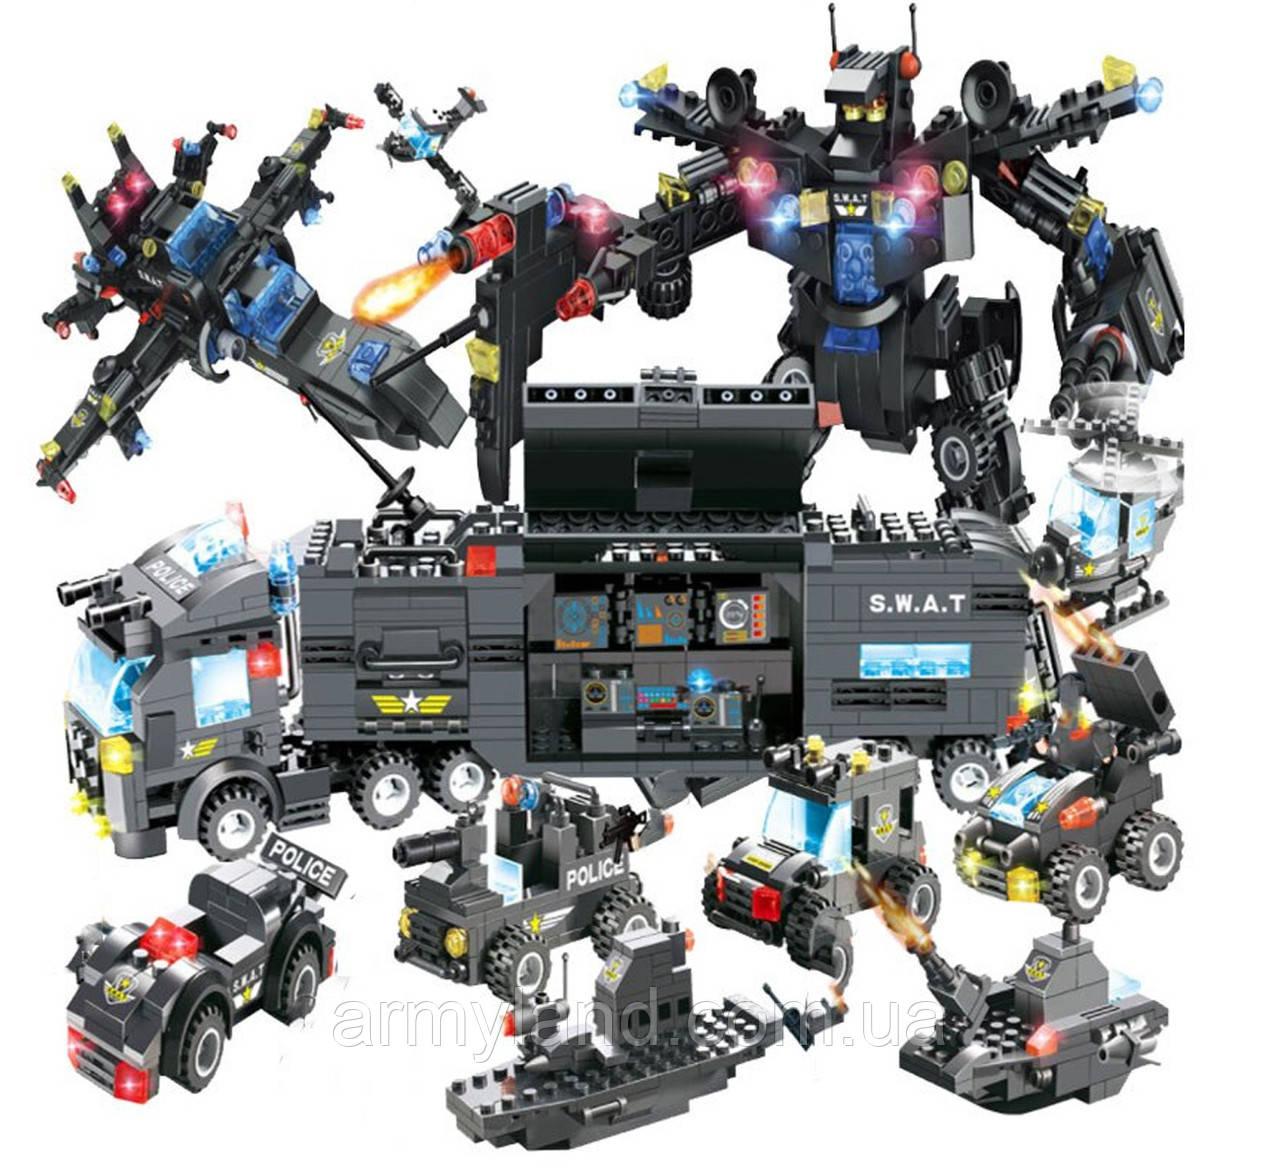 Полиция Сват грузовик трансформер (11в1) конструктор Аналог Лего